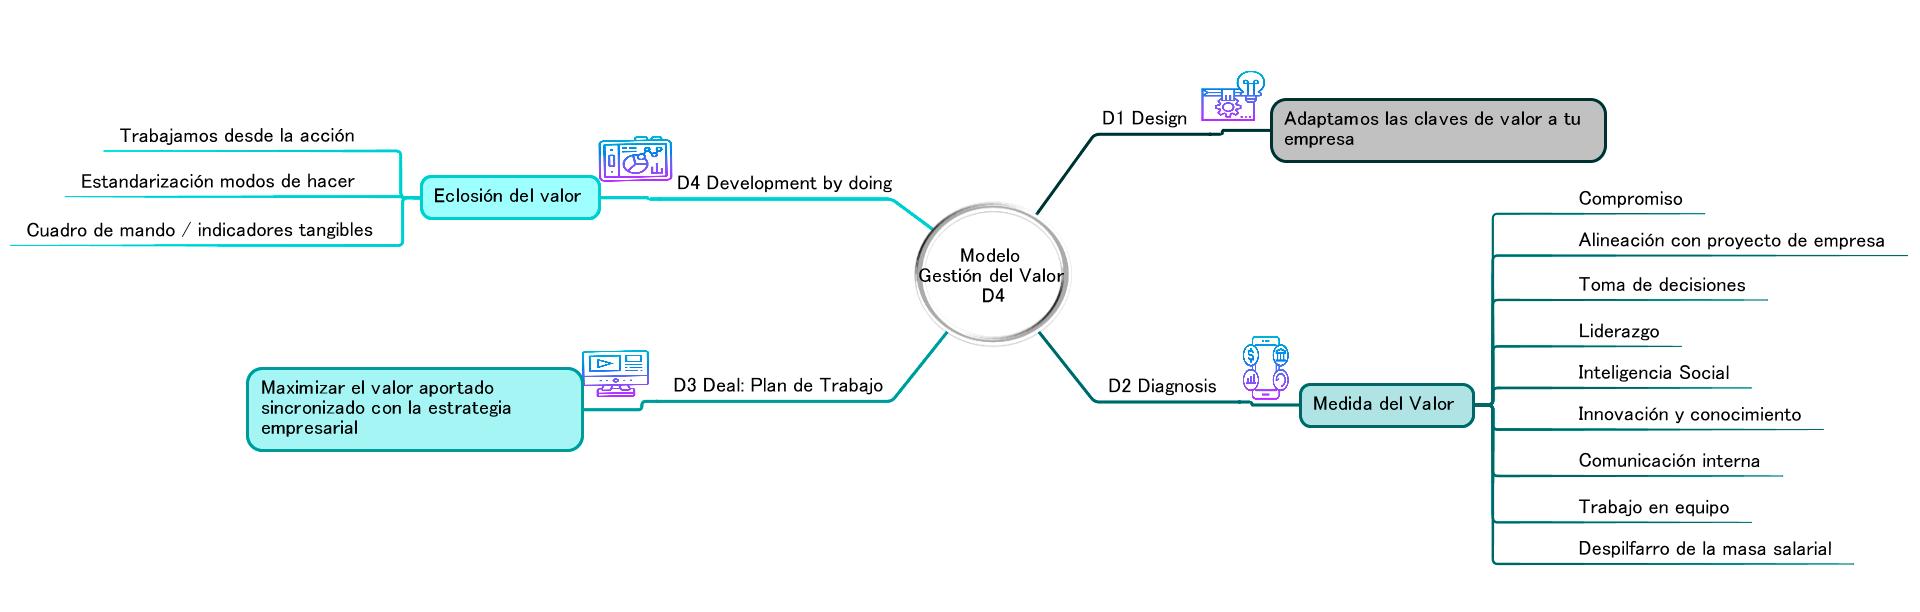 Modelo de Gestión del Valor Chrysalida